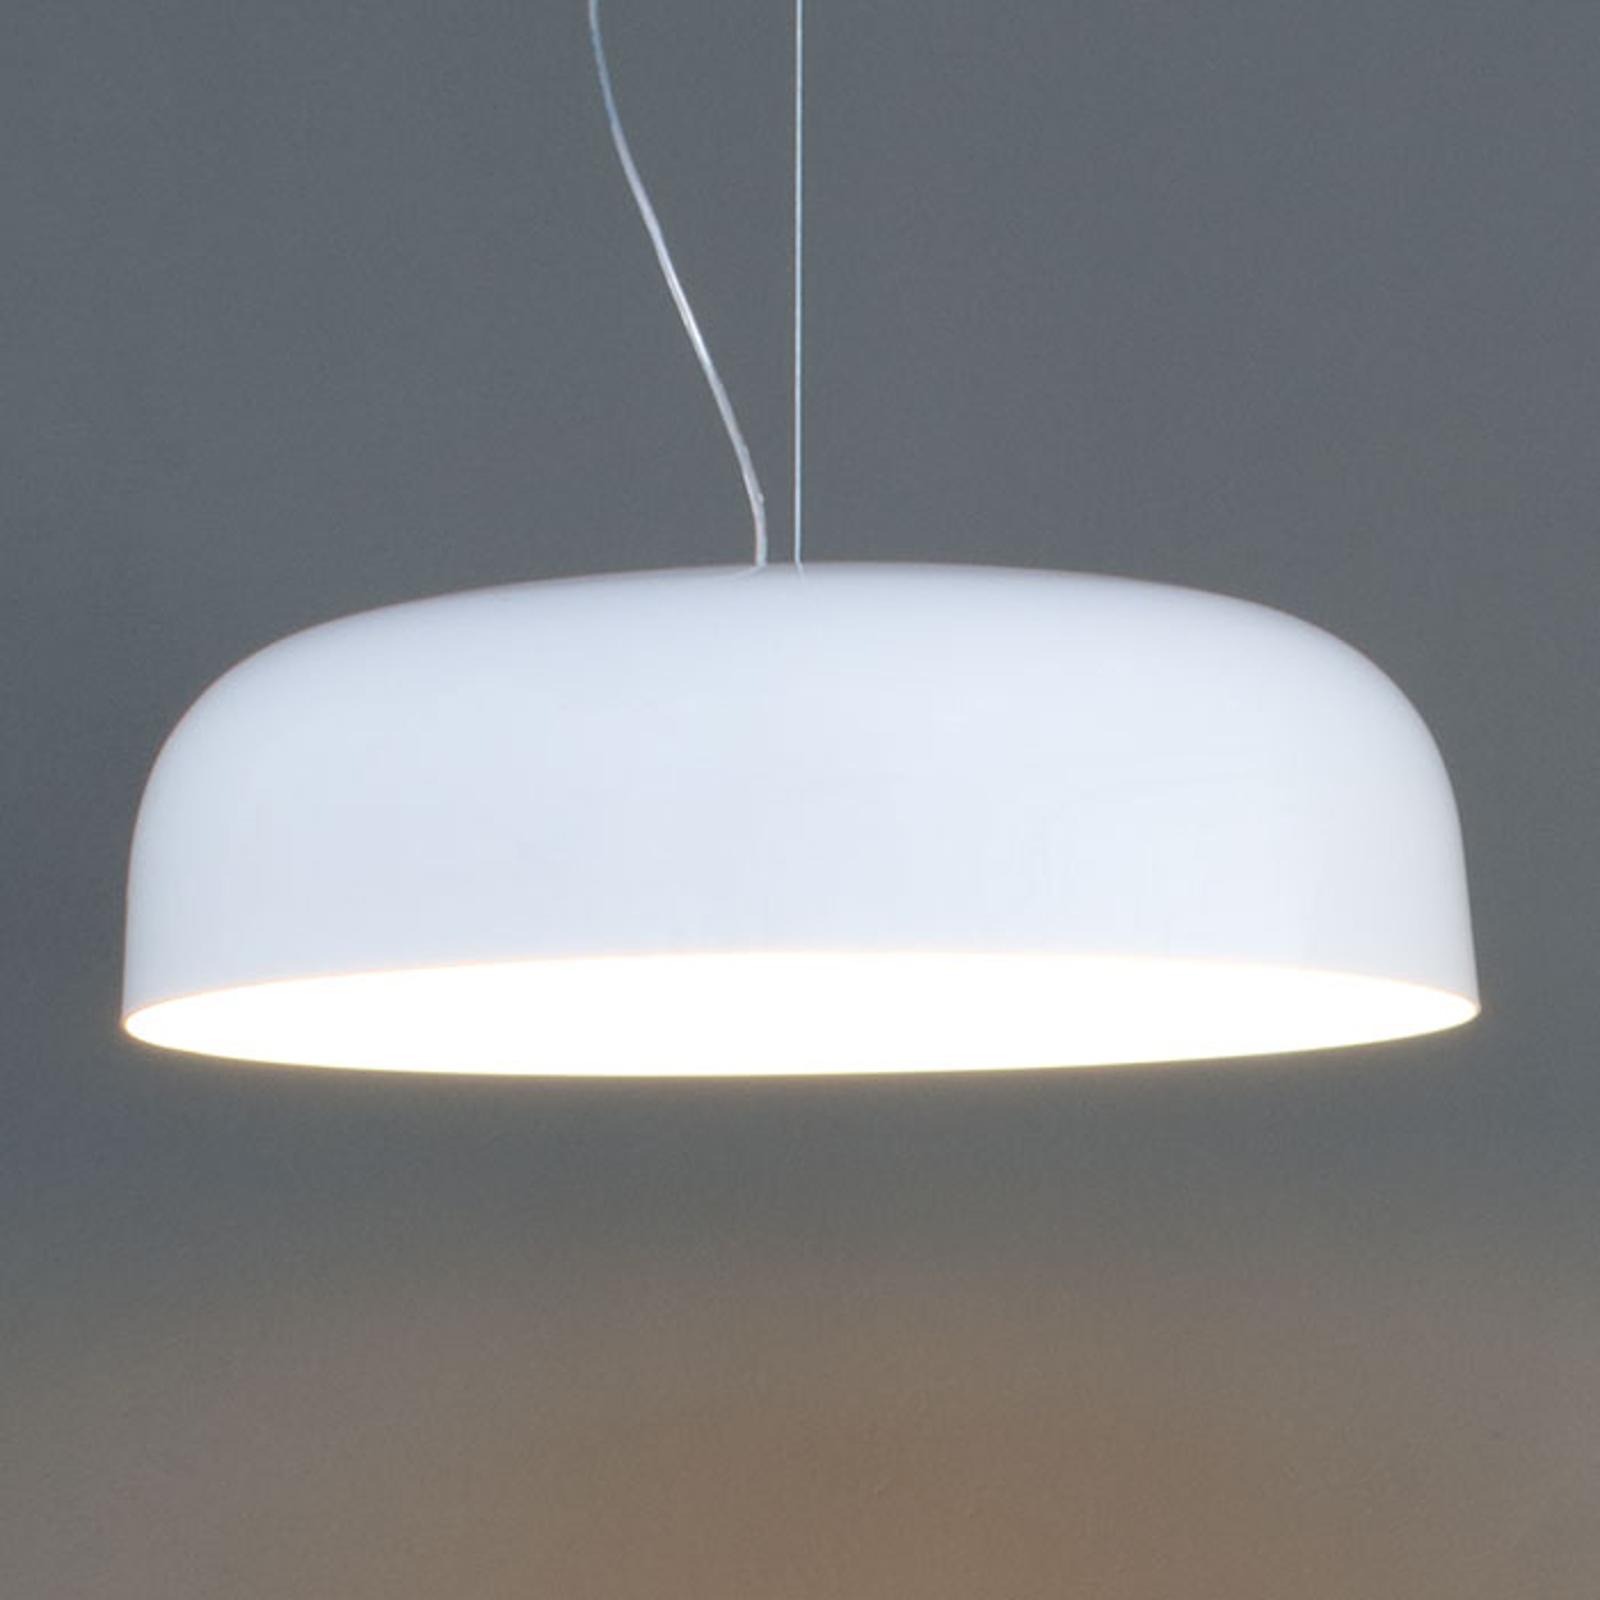 Szykowna lampa wisząca CANOPY, 60 cm, biała